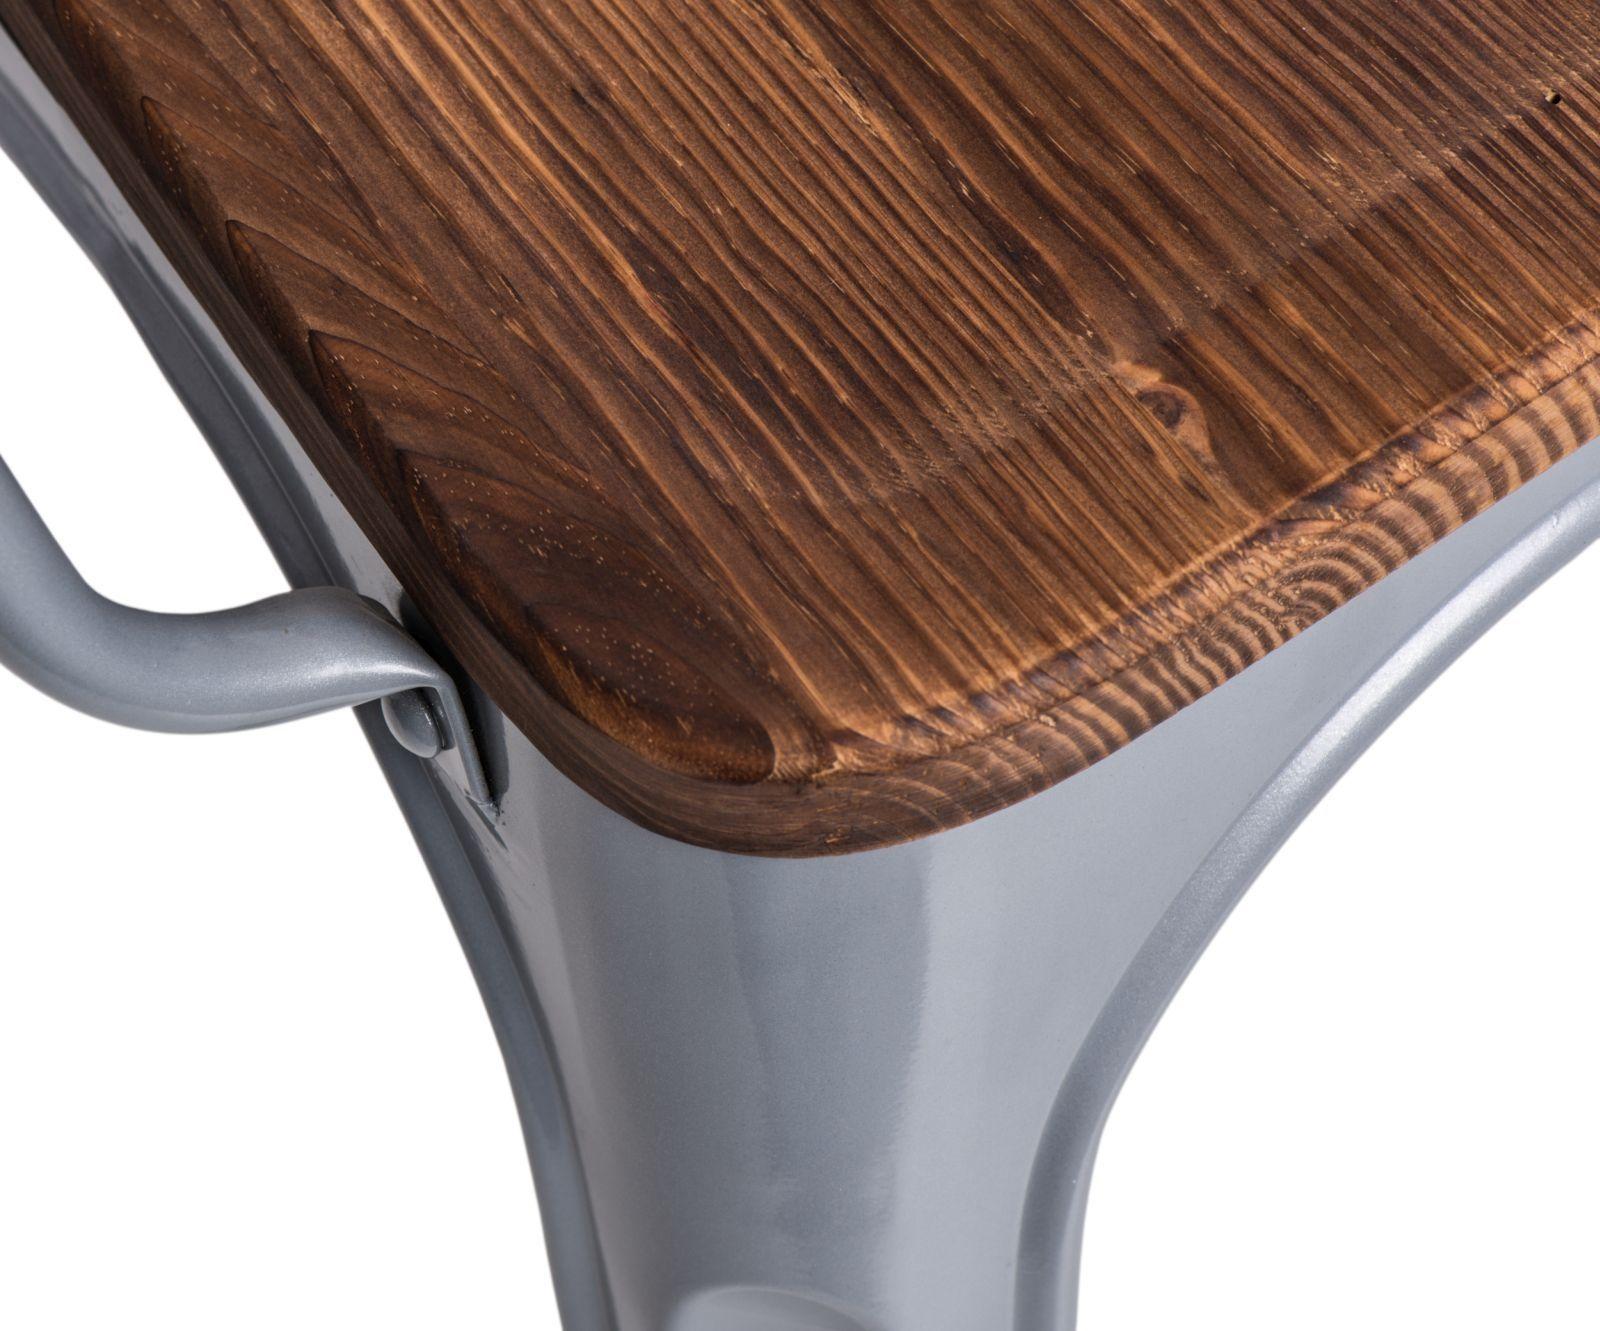 D2 Krzesło Paris Arms Wood srebrny sosna